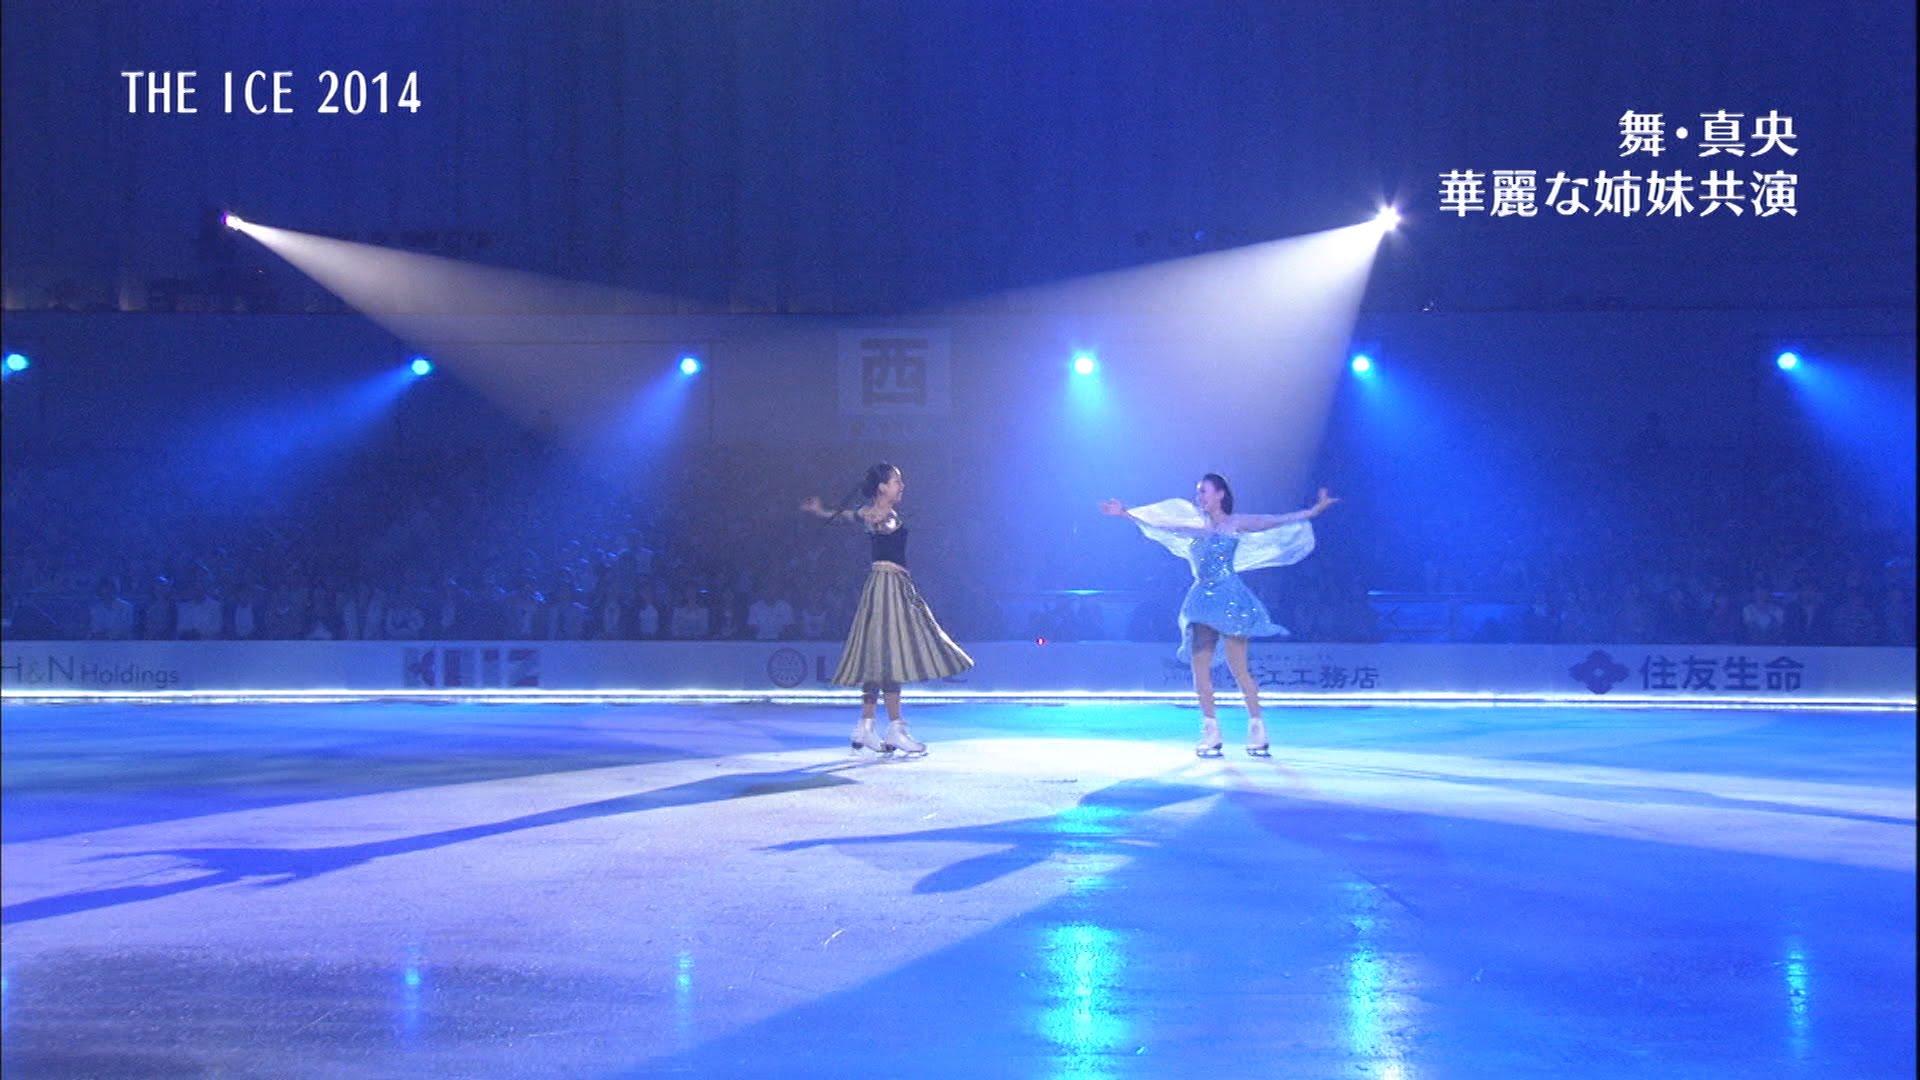 浅田舞&浅田真央 Let It Go フィギュアスケート動画